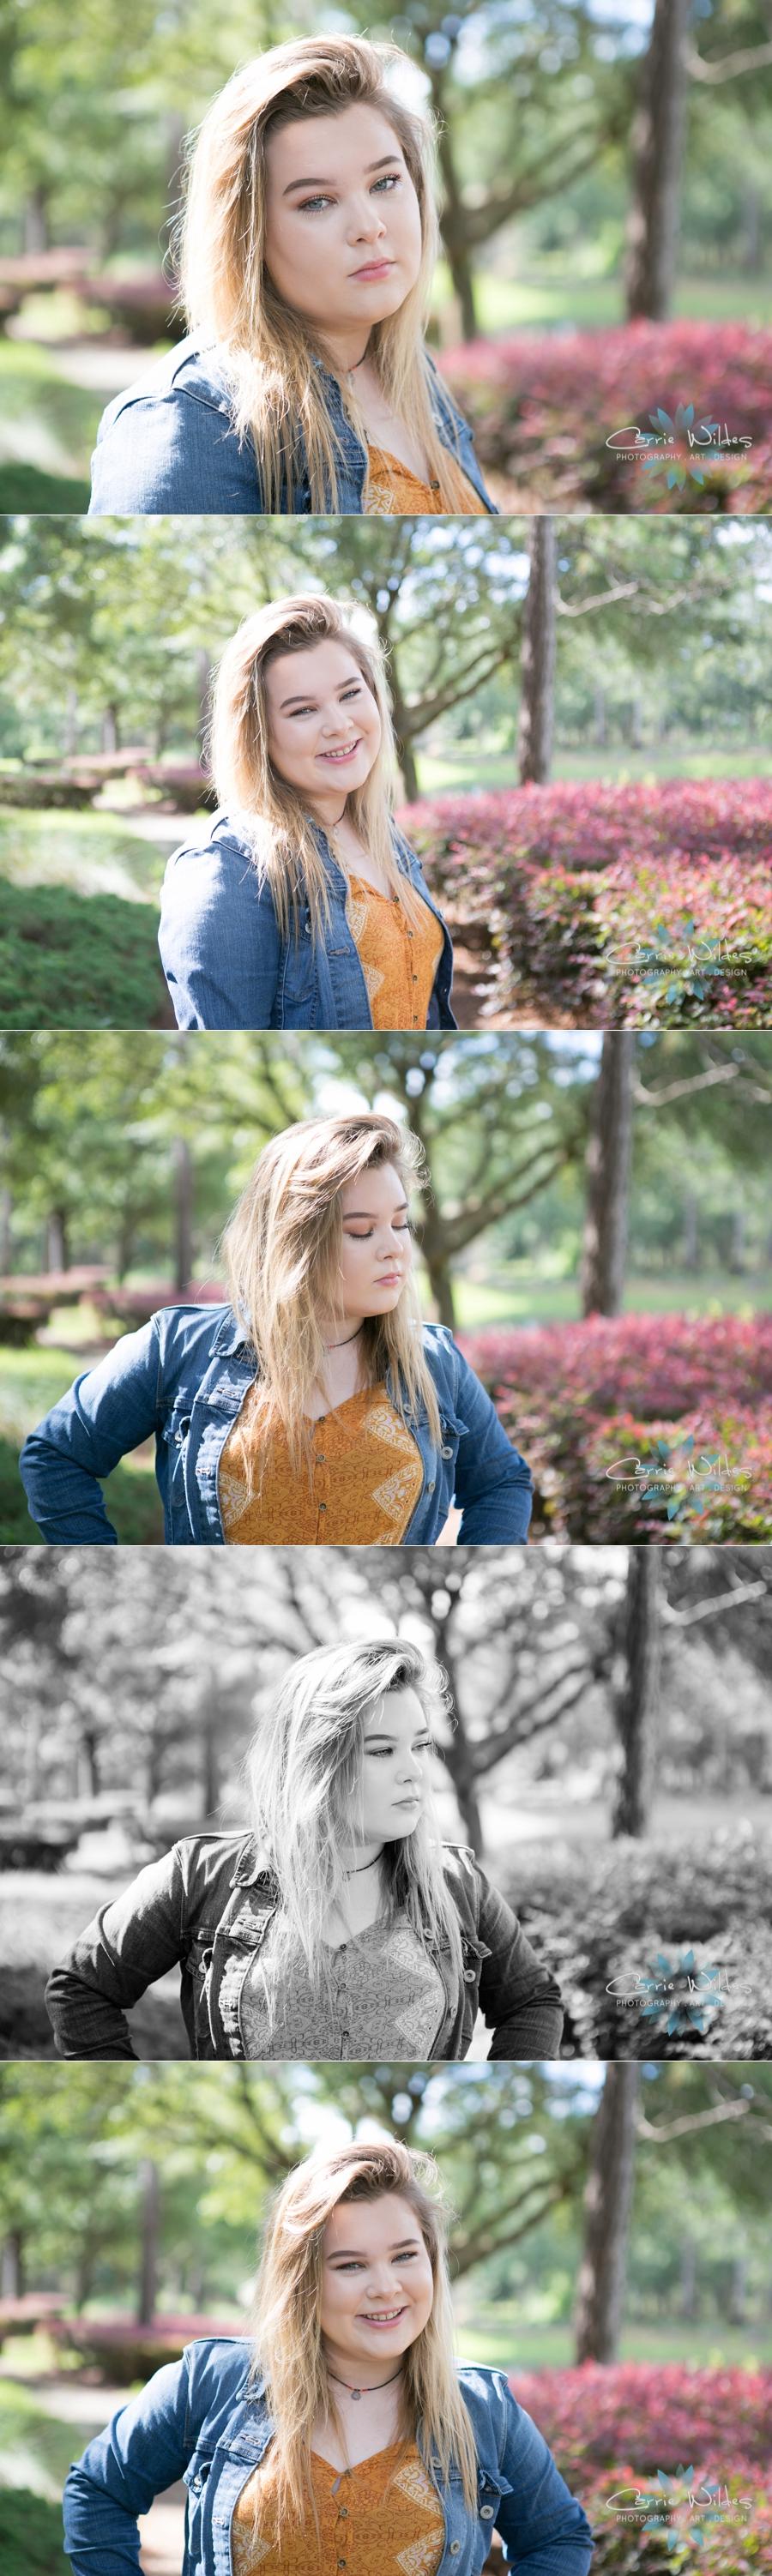 7_6_18 Bayleigh Senior Portraits_0004.jpg